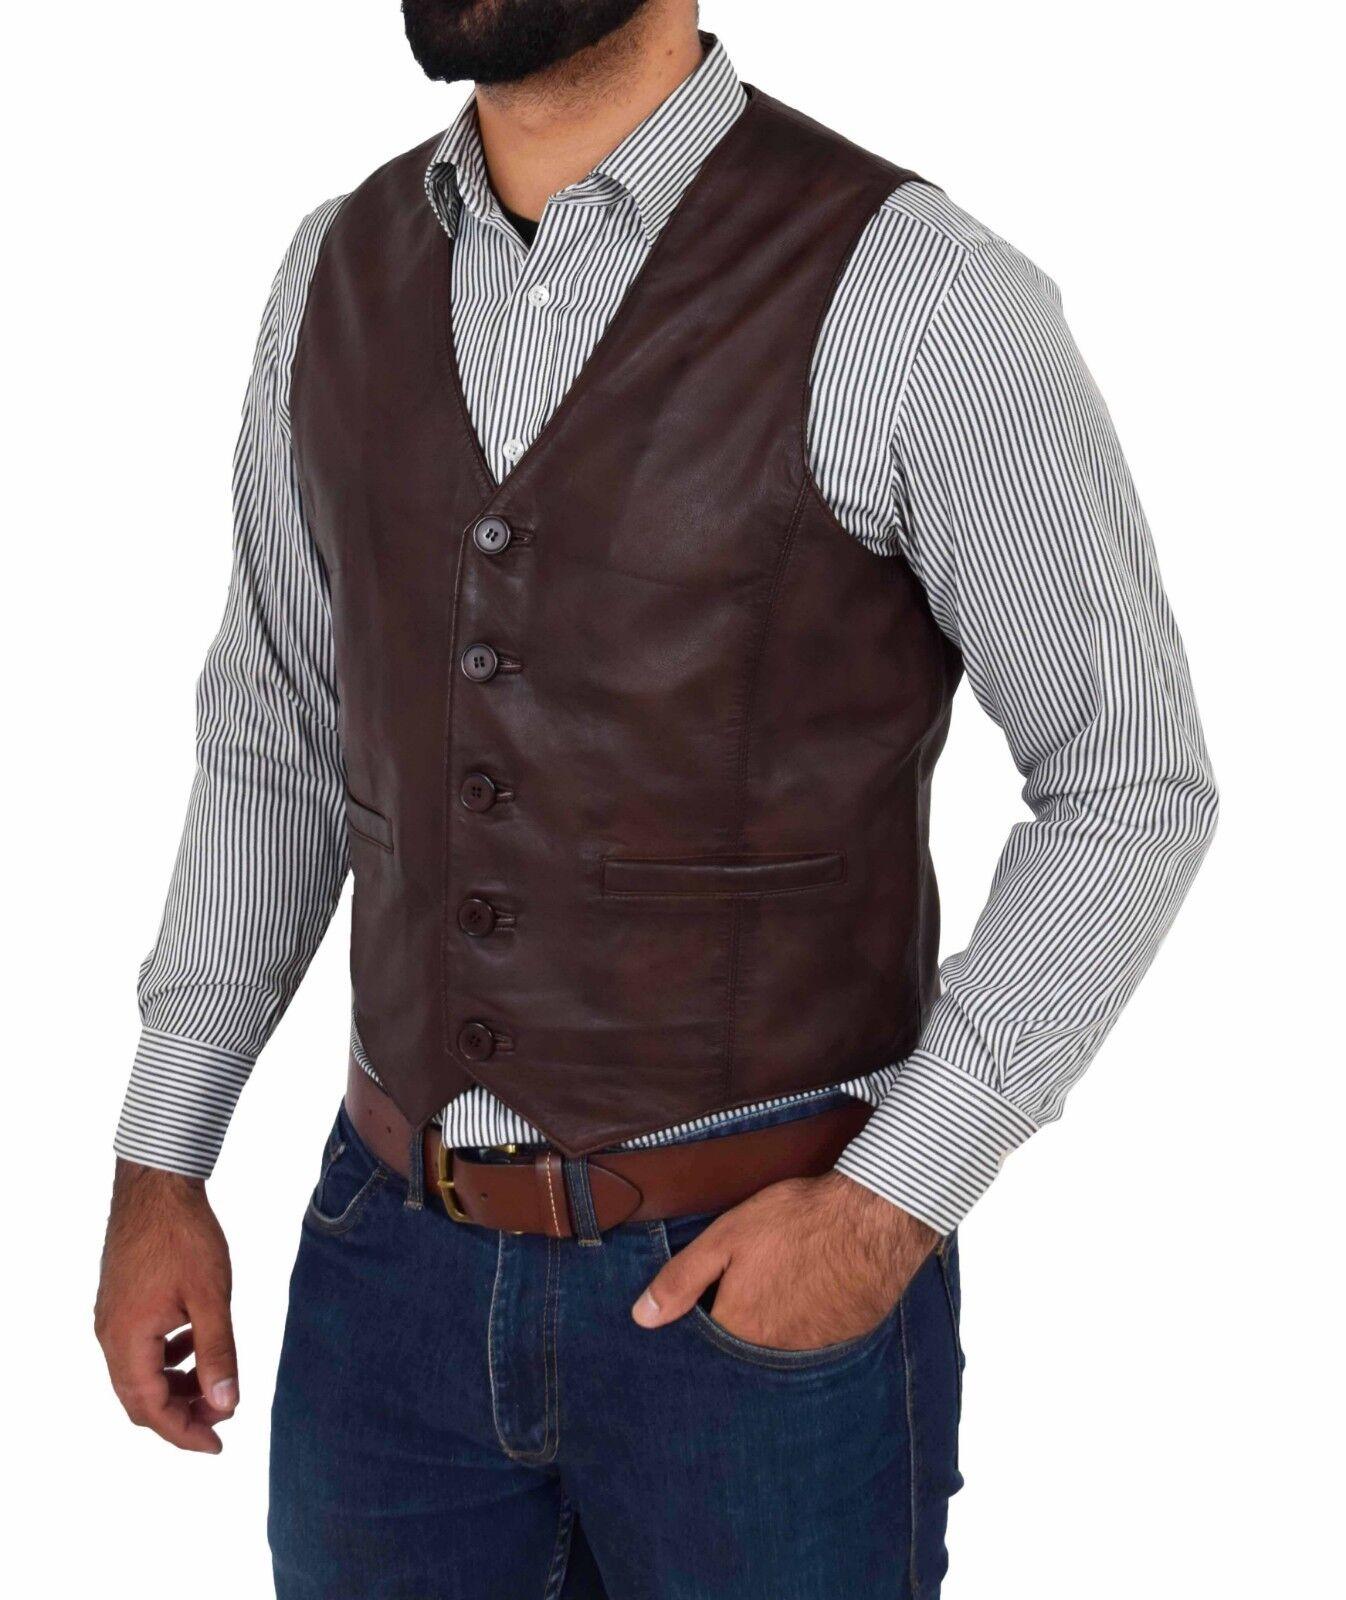 Mens Full Leather Waistcoat Brown Traditional Smart Gilet Short Sleeveless Vest